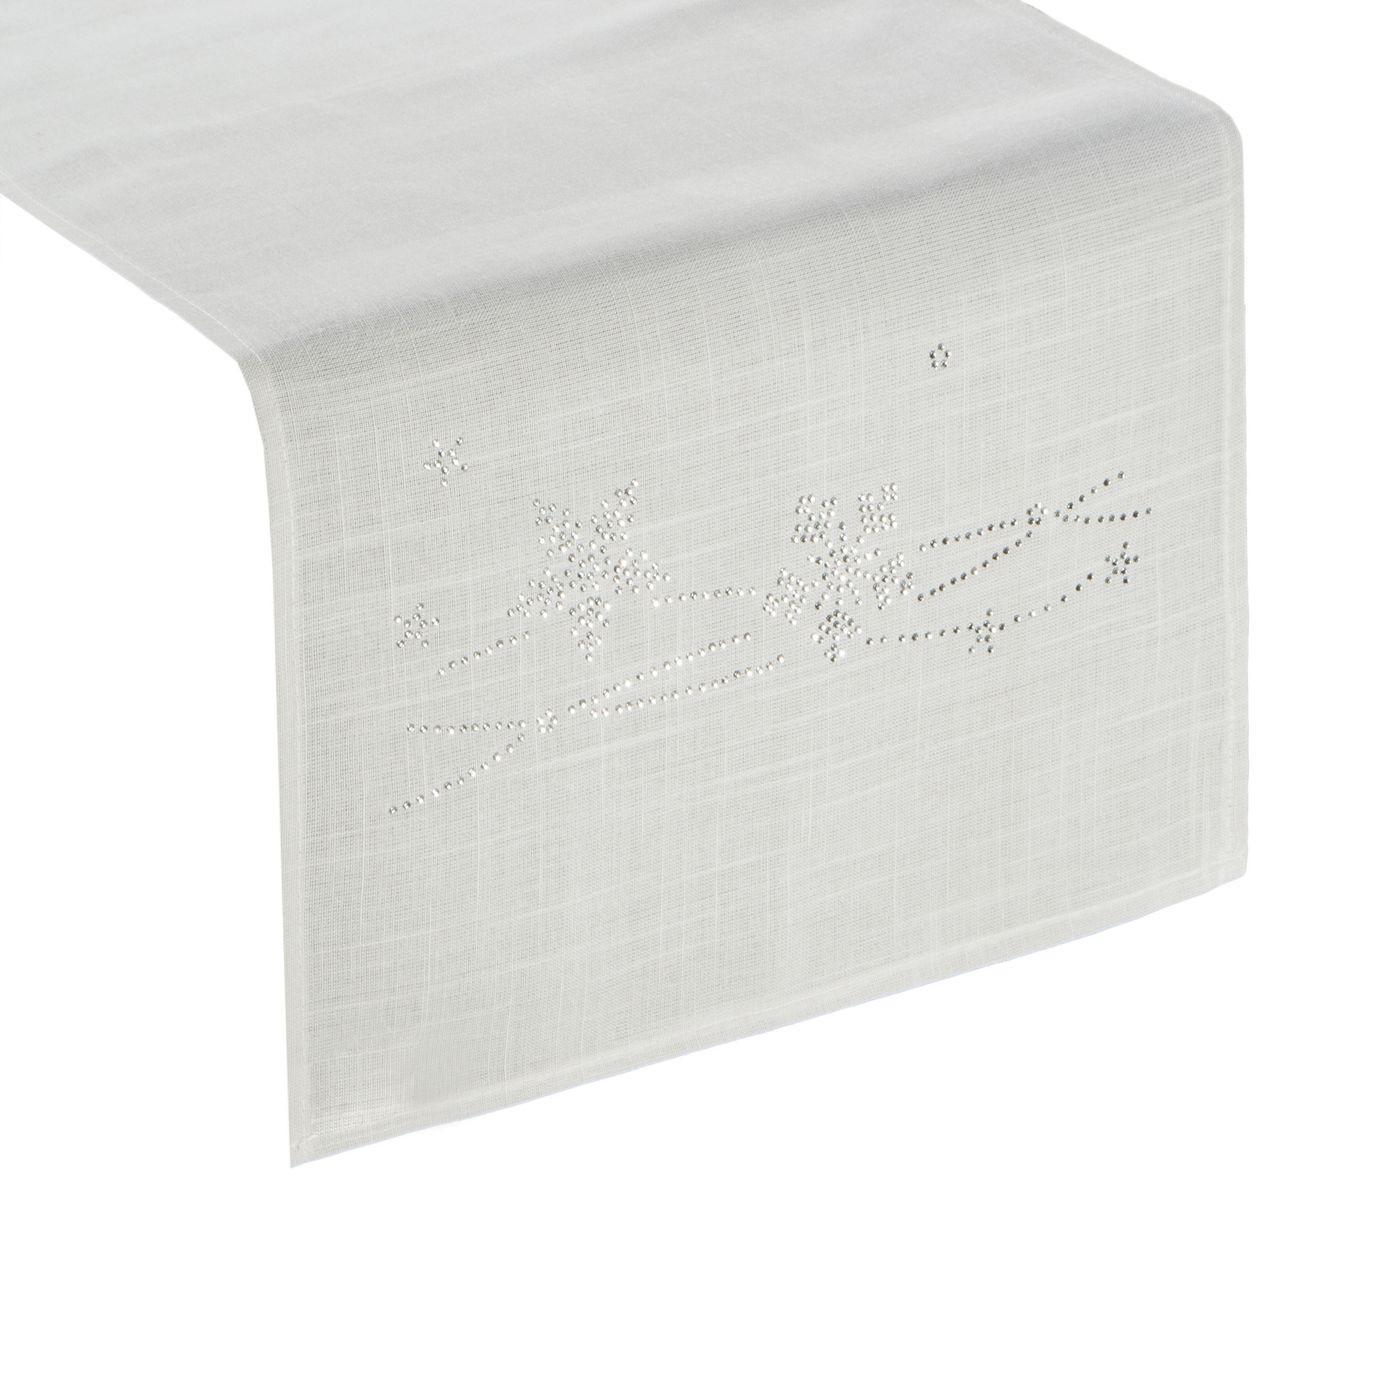 Dekoracyjny bieżnik cekiny płatki śniegu 40x140cm